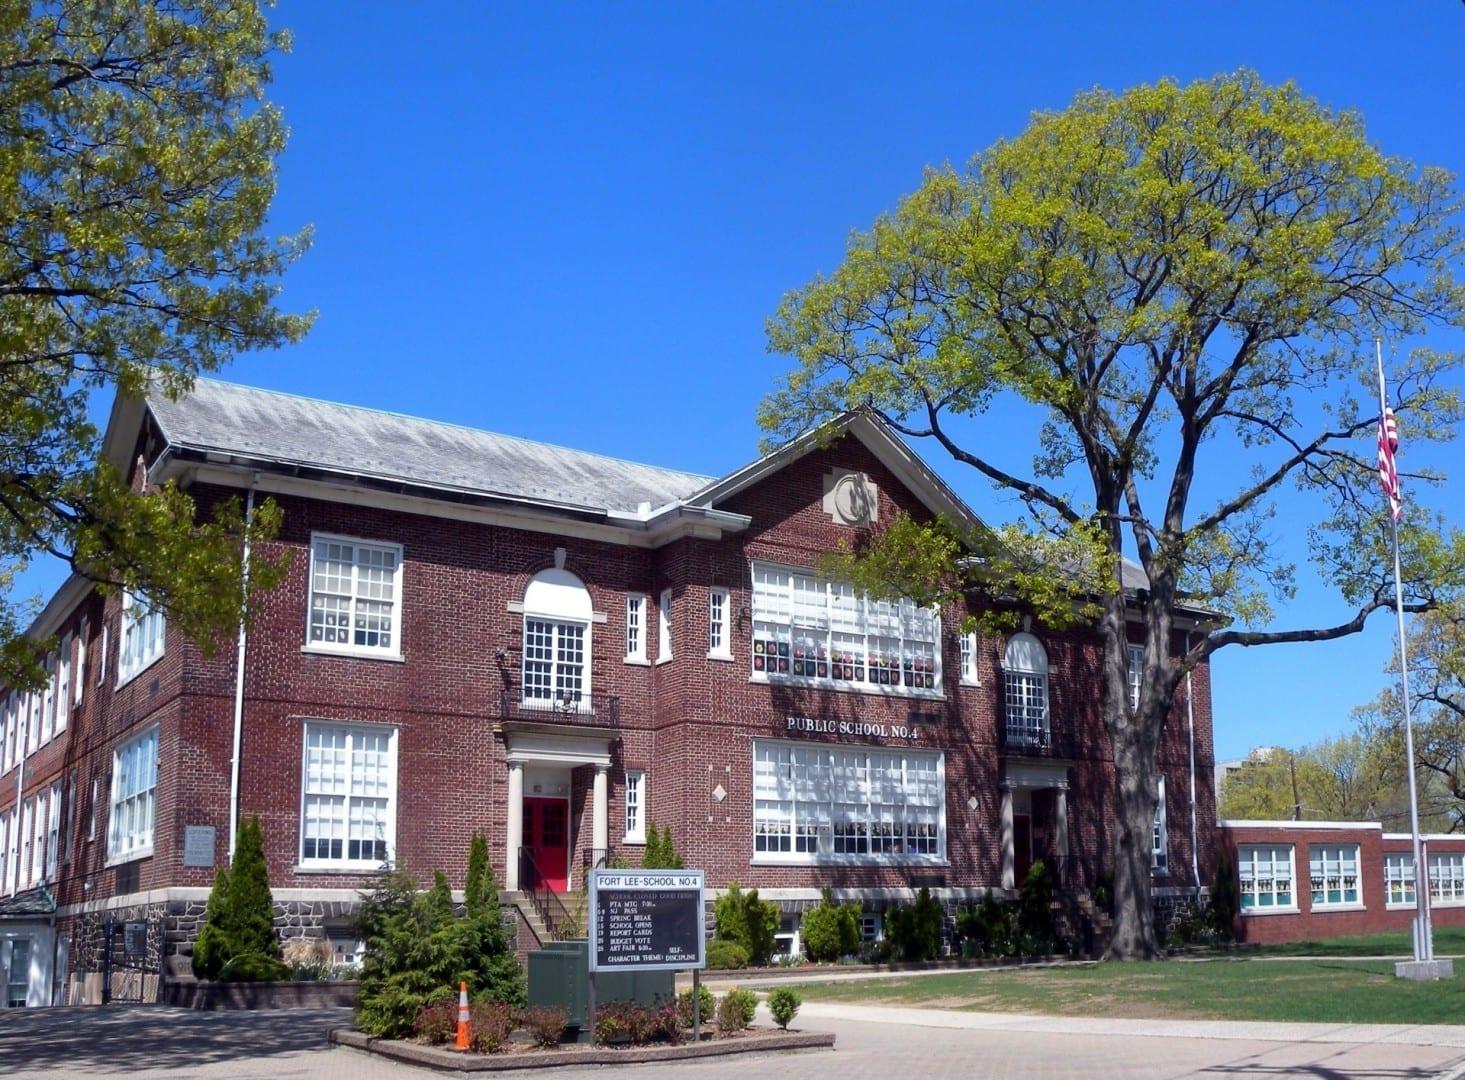 La Escuela Pública 4 de Fort Lee, una actividad diaria para el conjunto de la escuela primaria Fort Lee NJ Estados Unidos